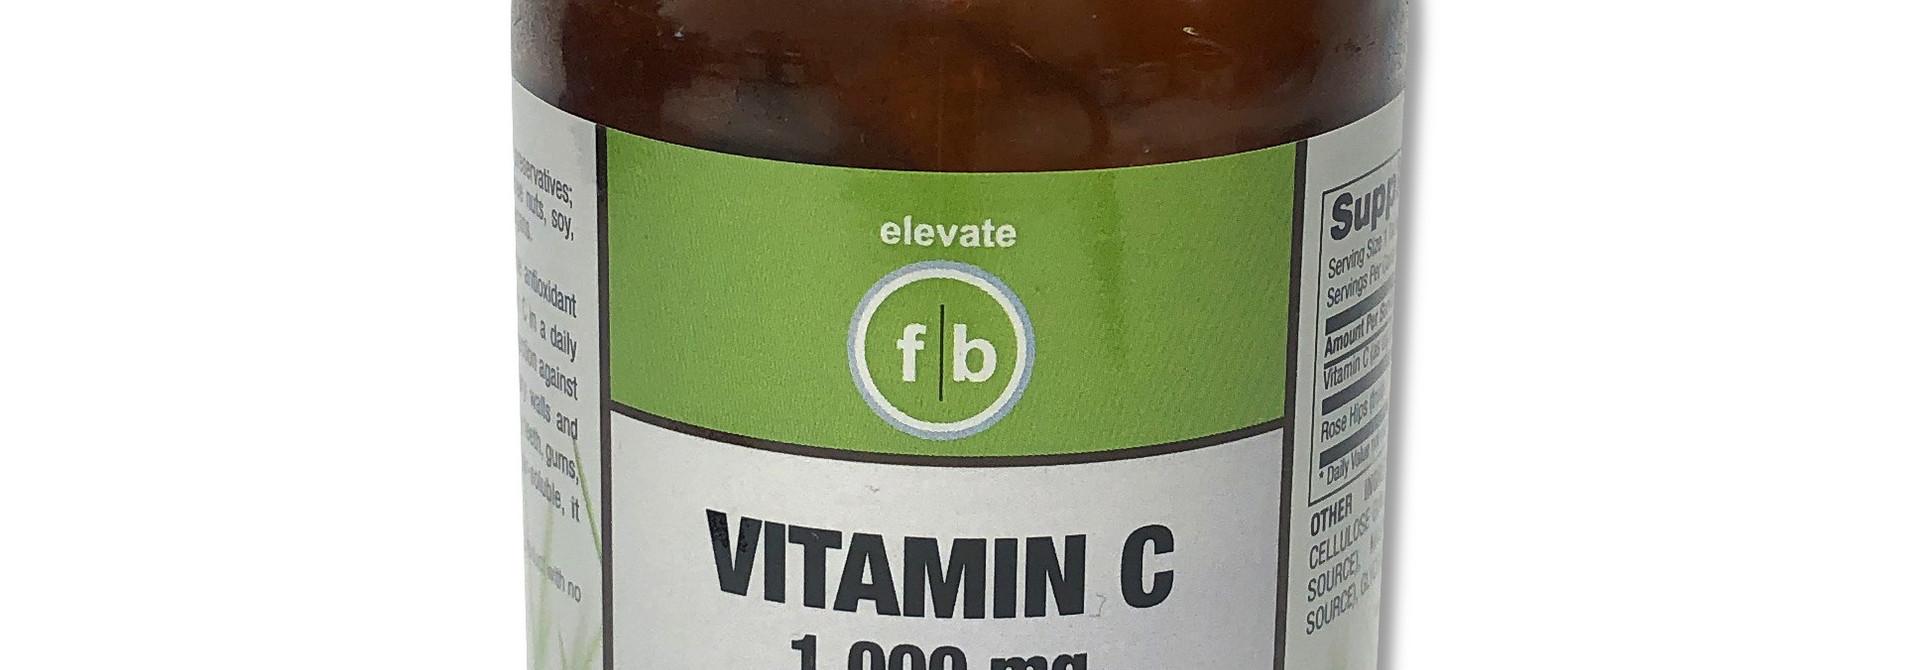 Vitamin C Plus Rose Hips 1,000mg